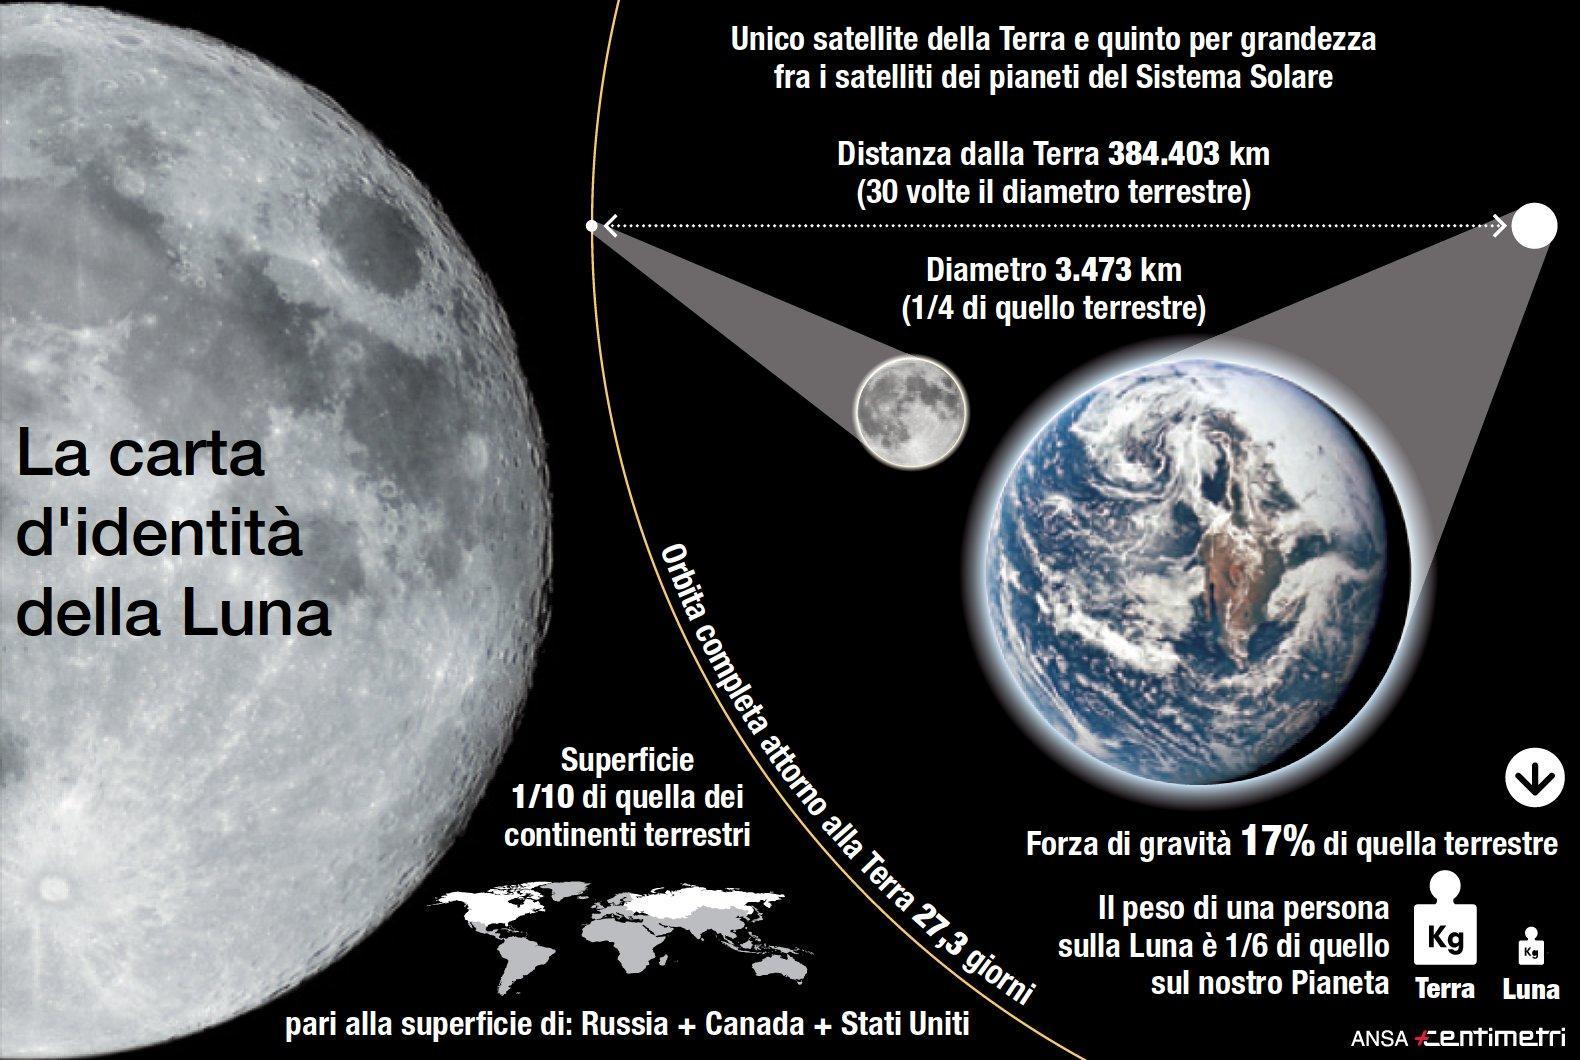 Sbarco sulla Luna, la carta d'identità del nostro satellite